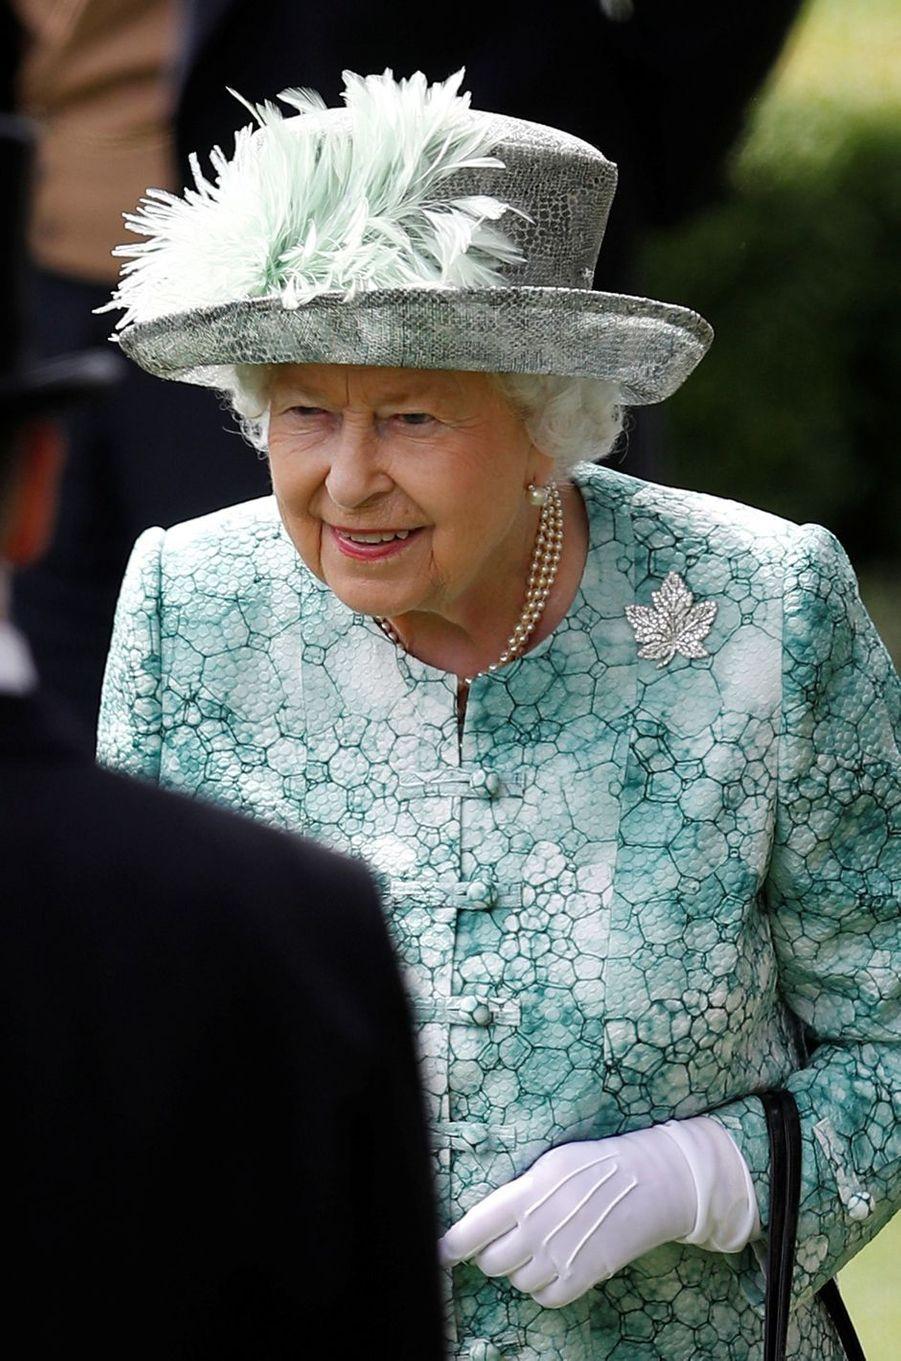 La reine Elizabeth II au Royal Ascot, le 23 juin 2018